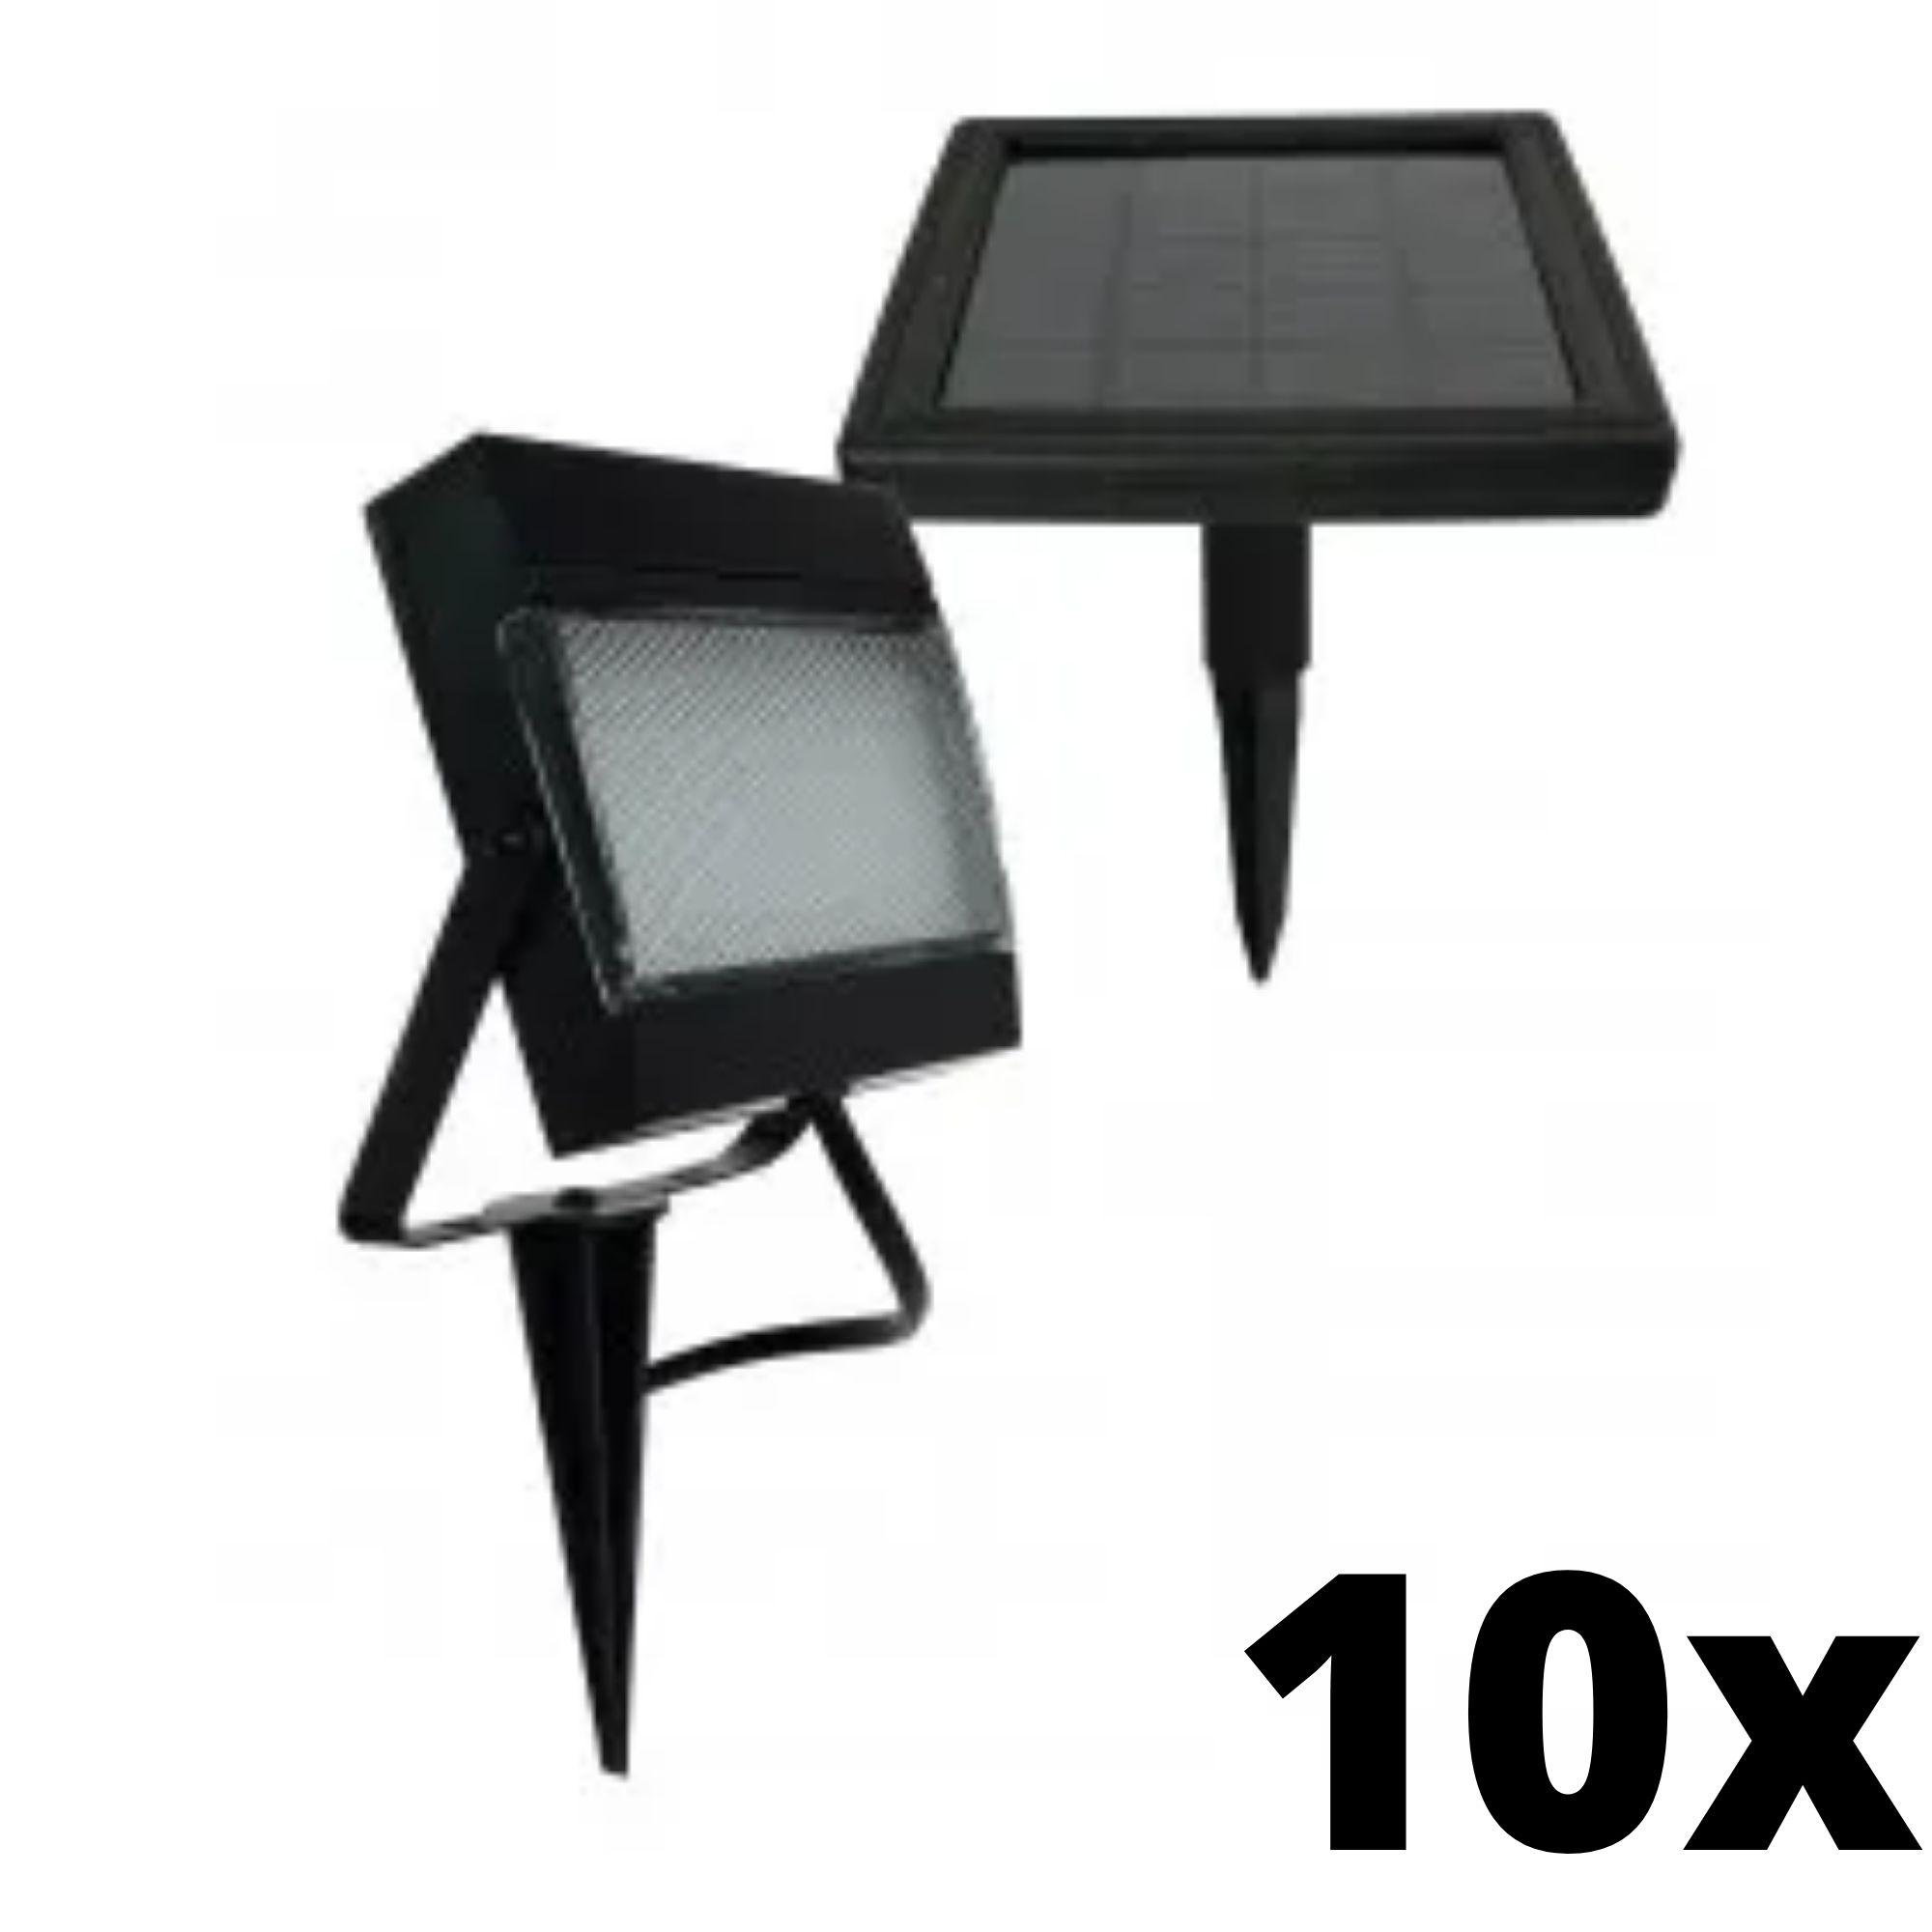 Kit 10 und Ecoforce Refletor Solar 6500k 200 Lumens IP54